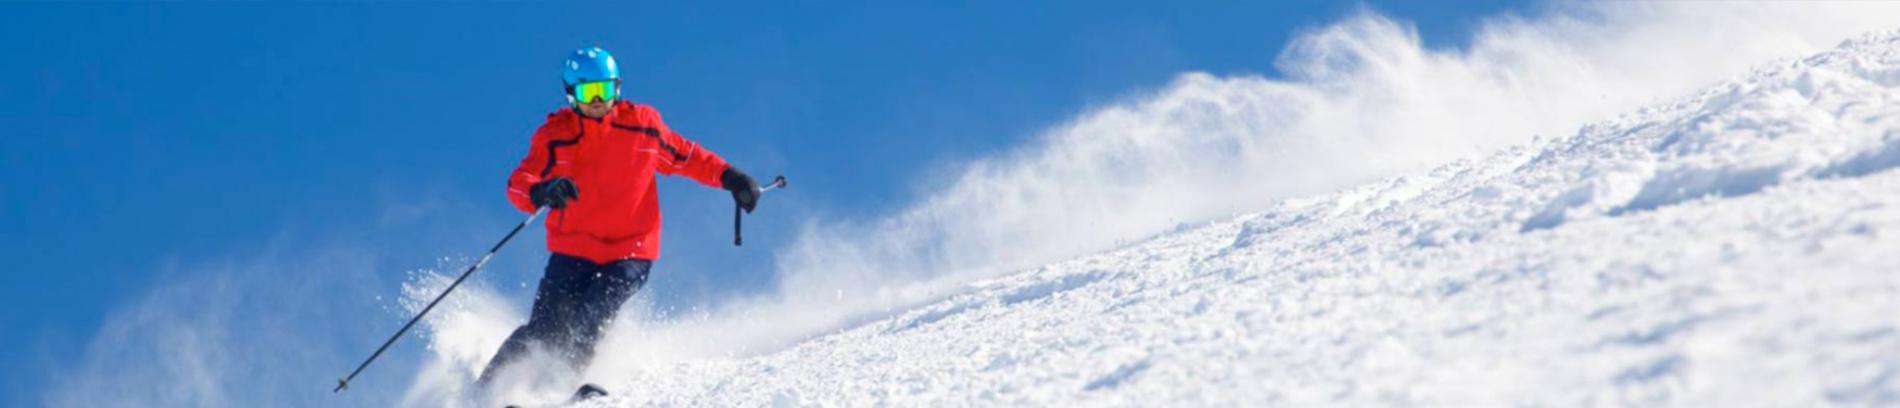 Slide sortie ski